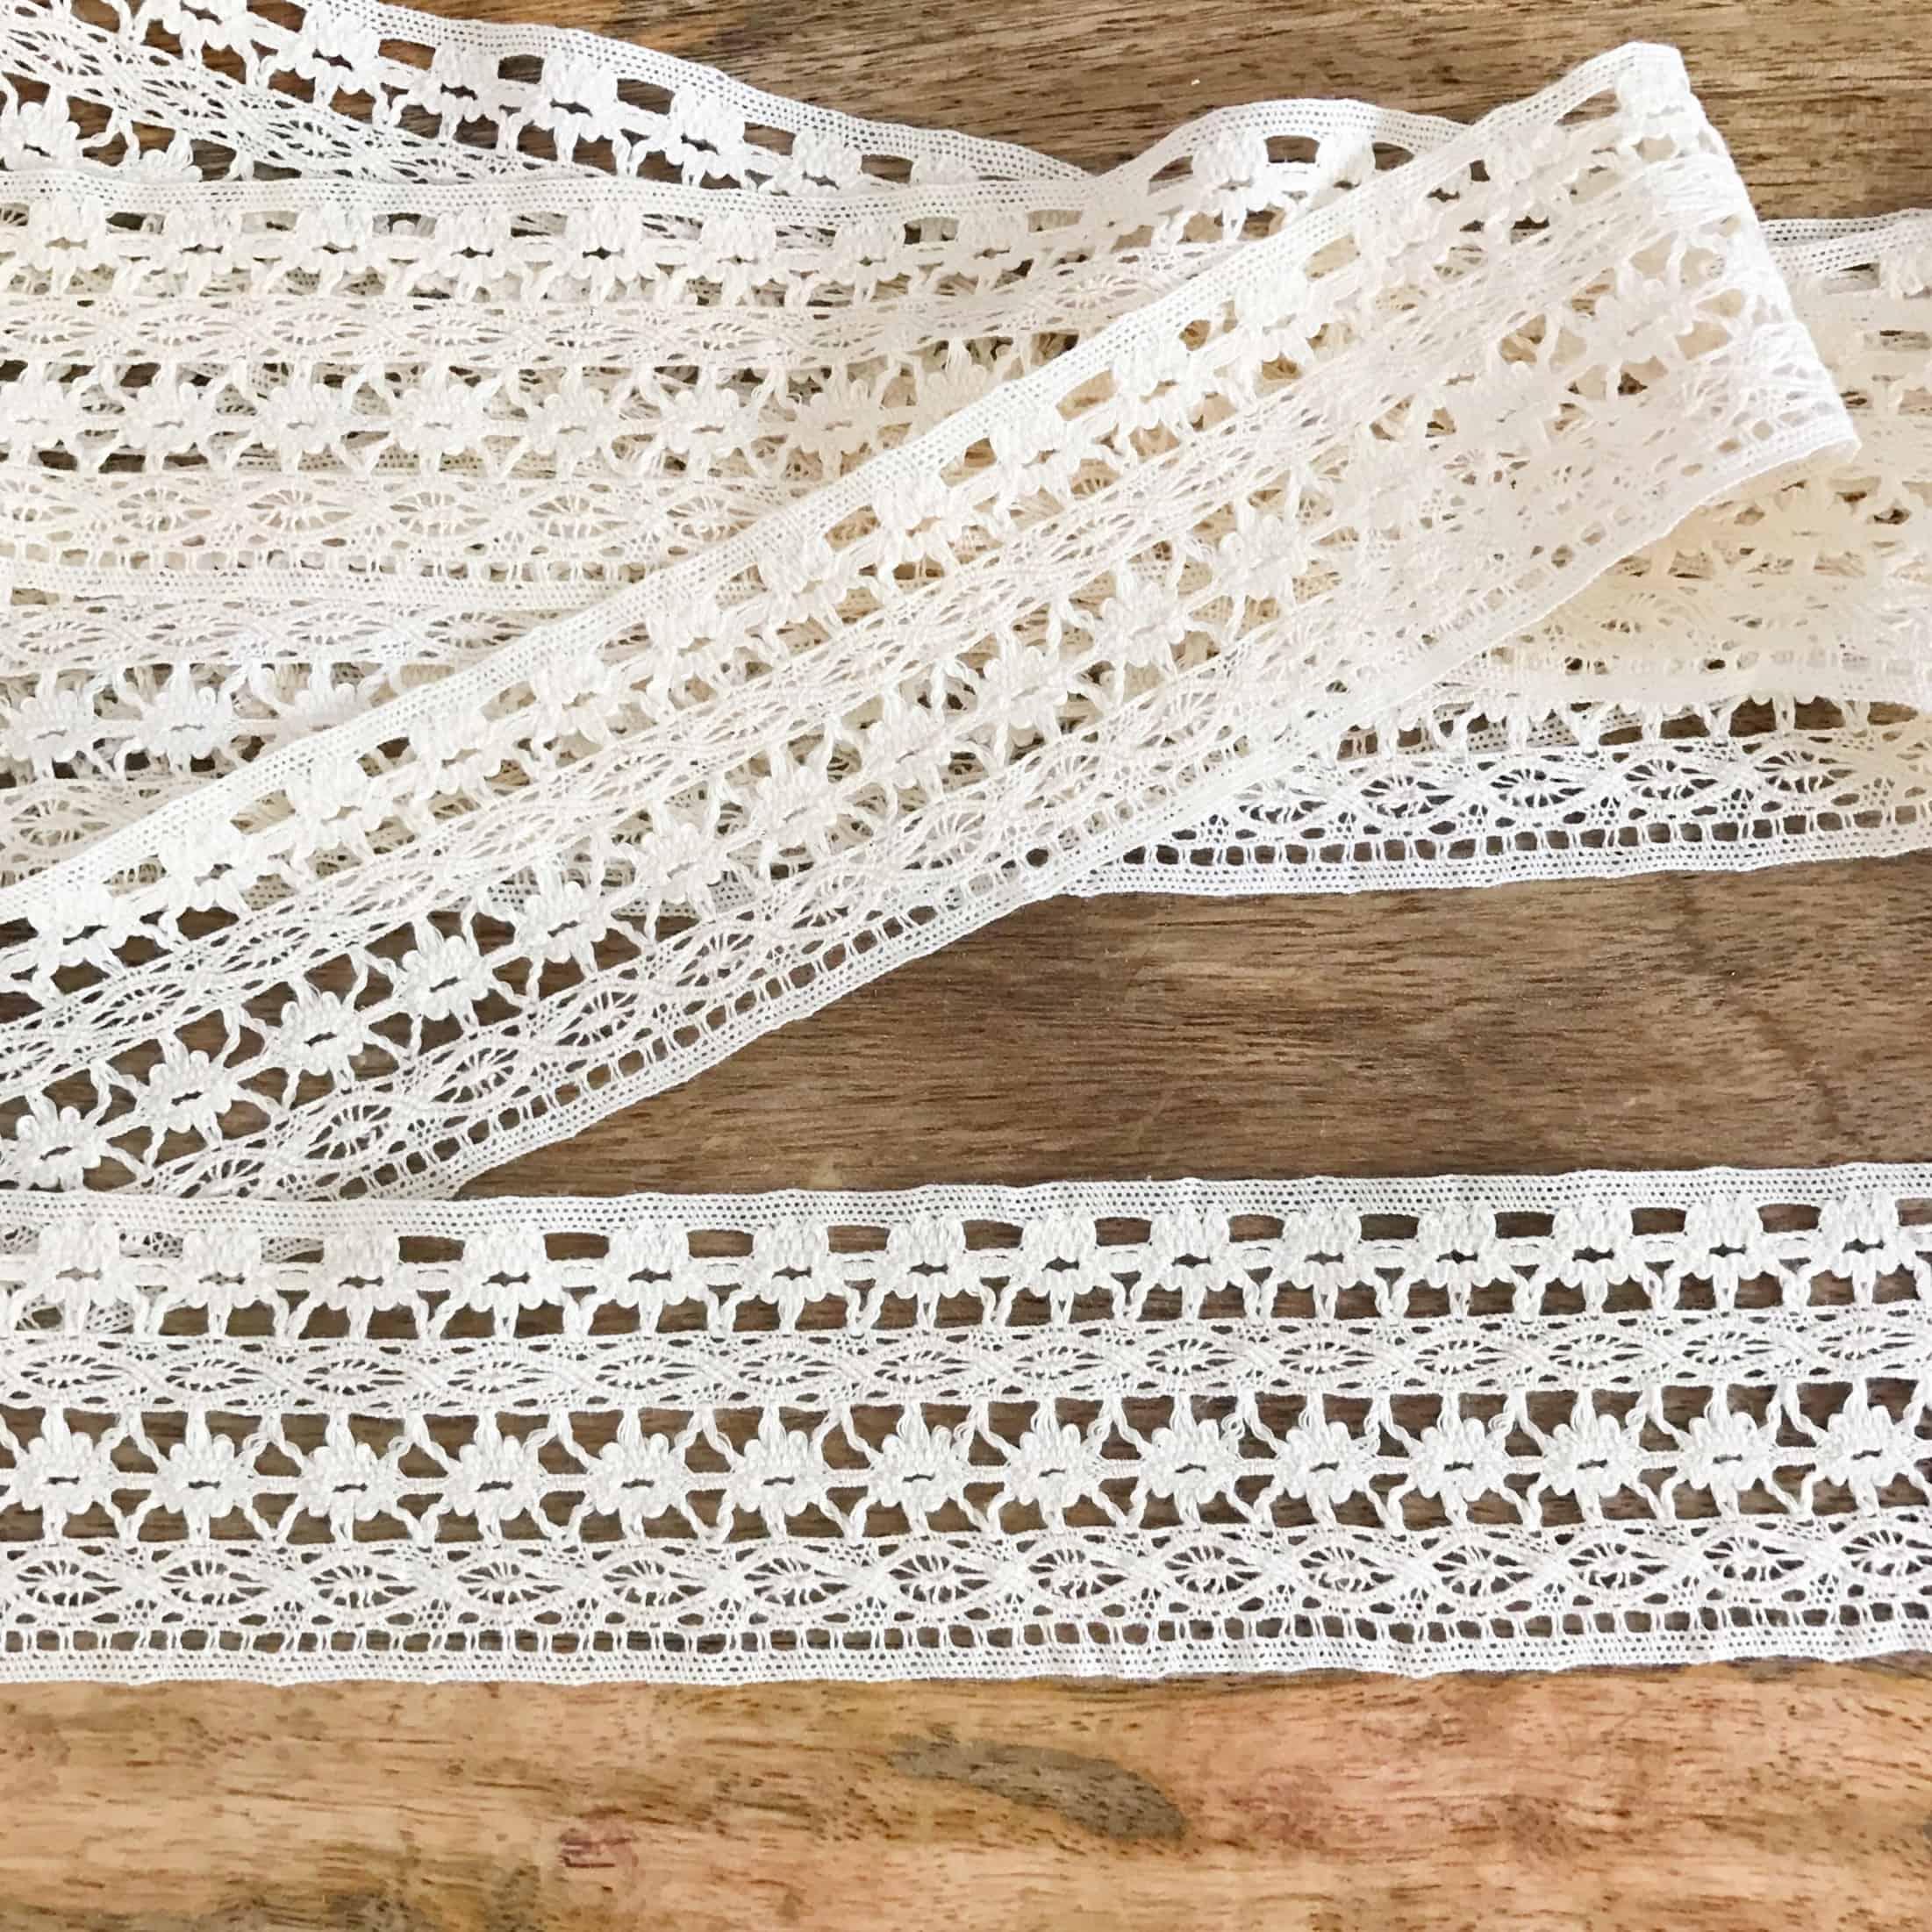 Natural Cotton Crochet Lace Border Trim (5 Yards)